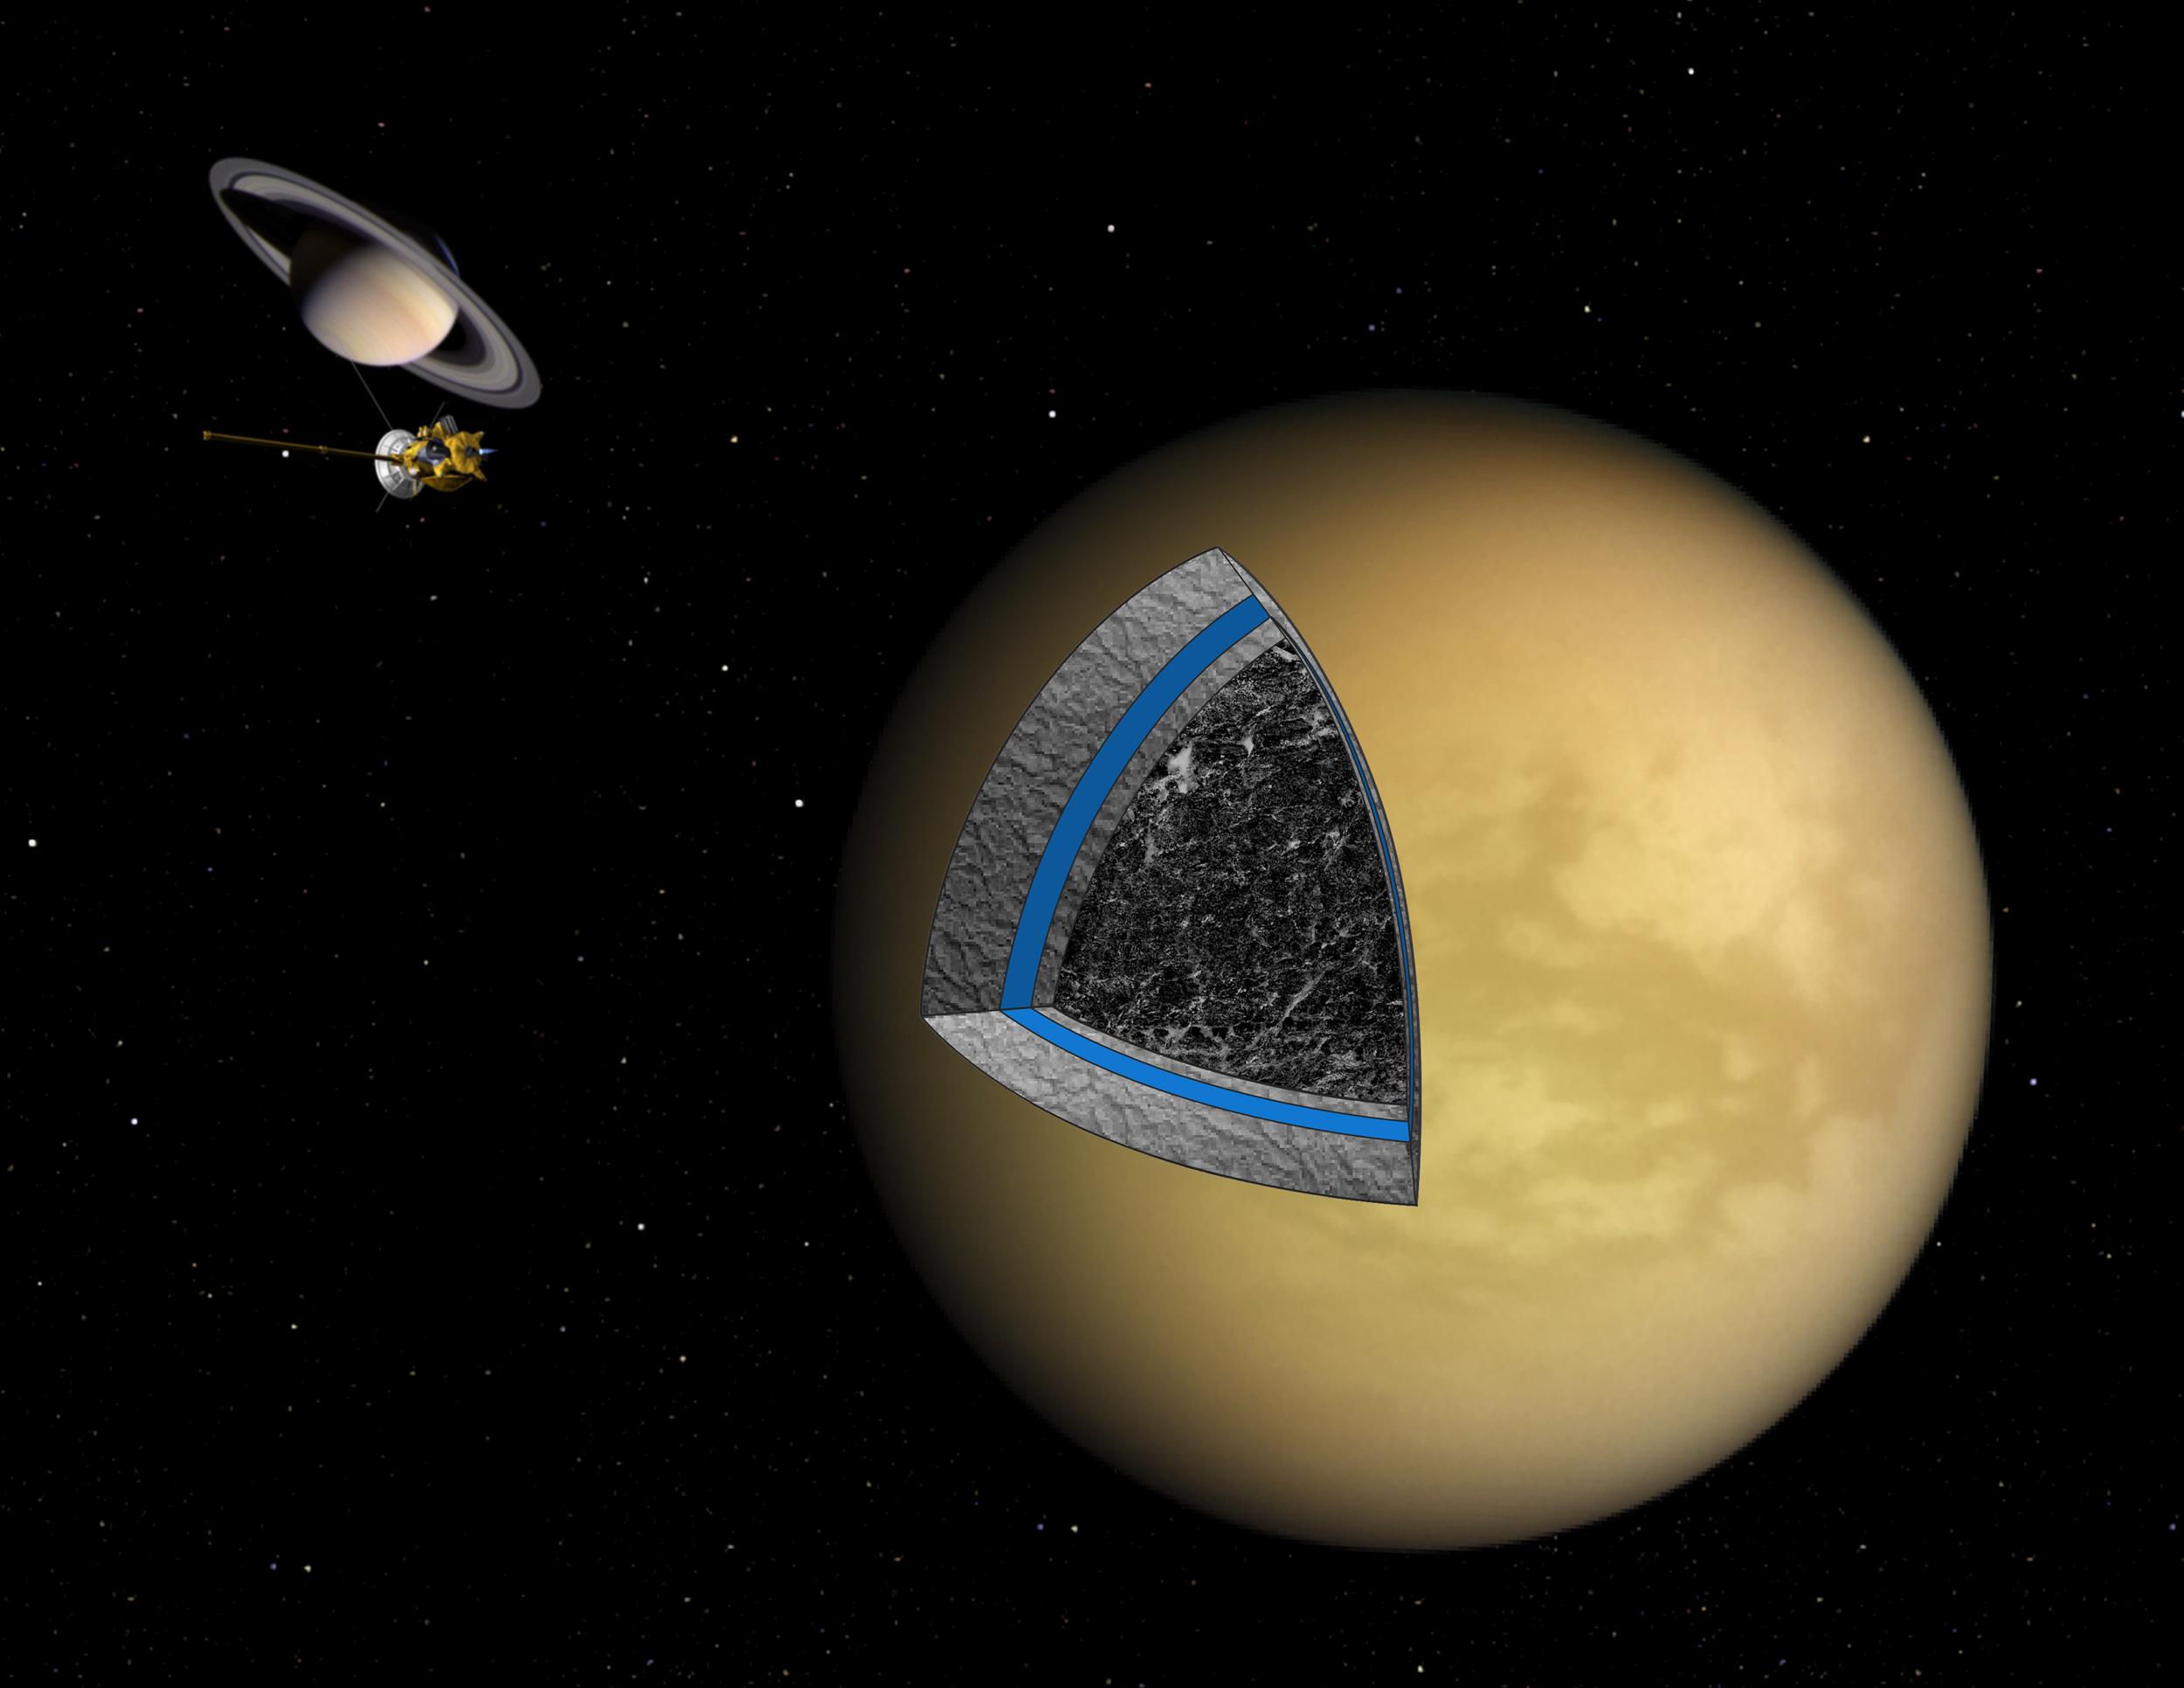 cassini satellite with neptune - photo #28